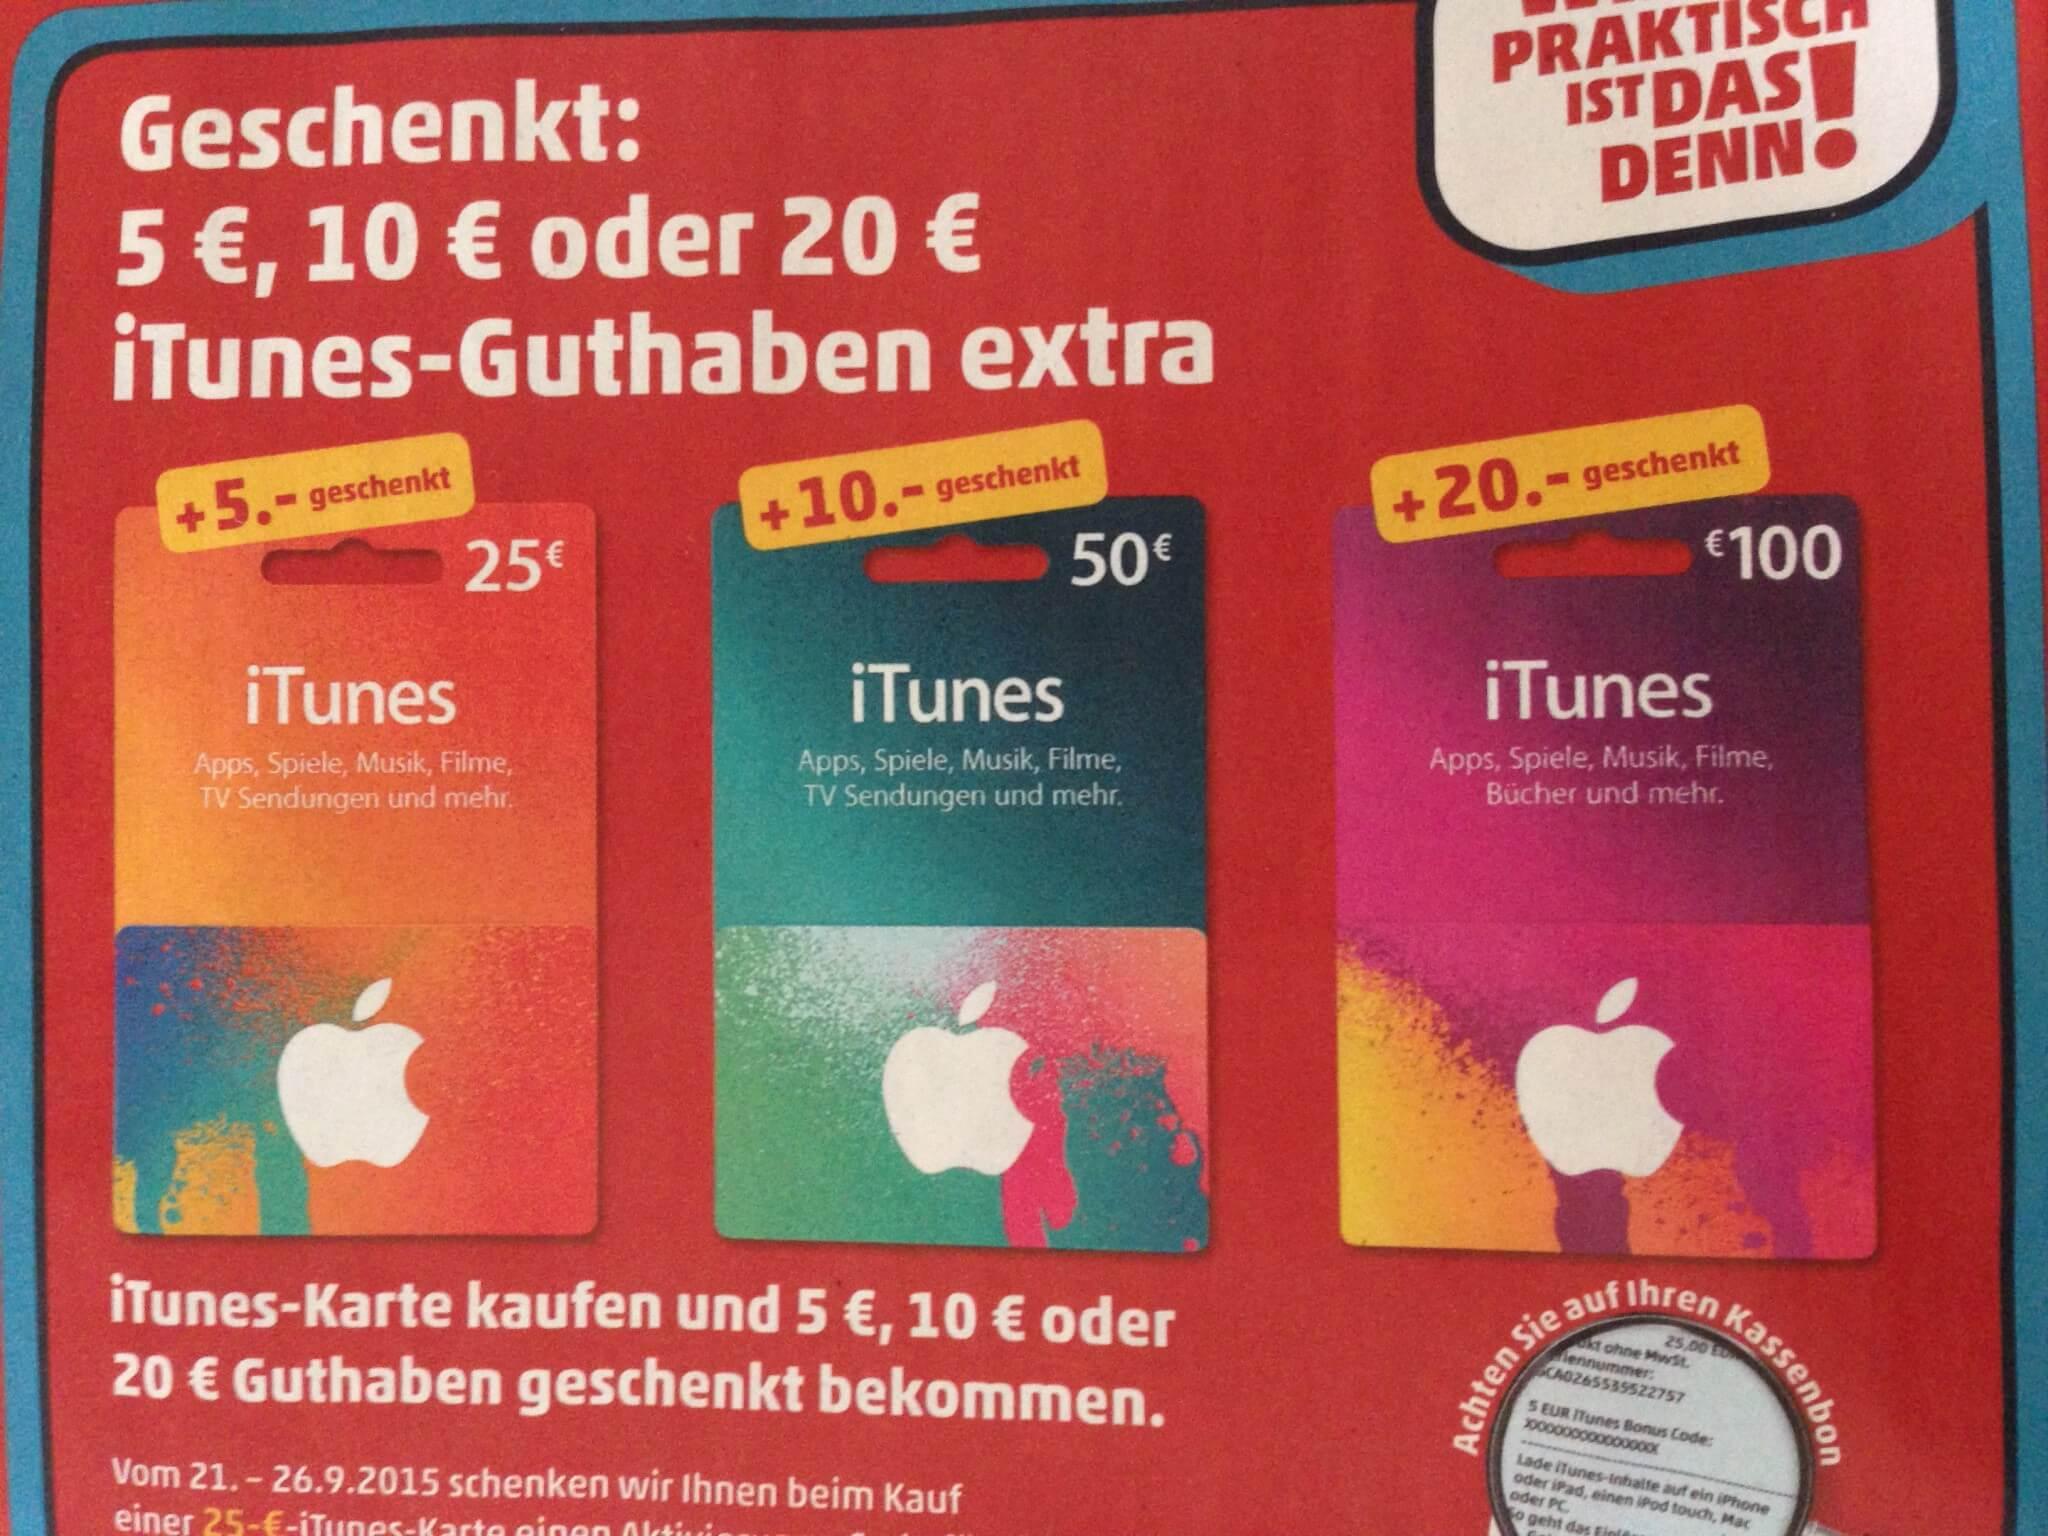 iTunes-Guthabenkarten bei Penny im Angebot (21.09.-26.09.2015)